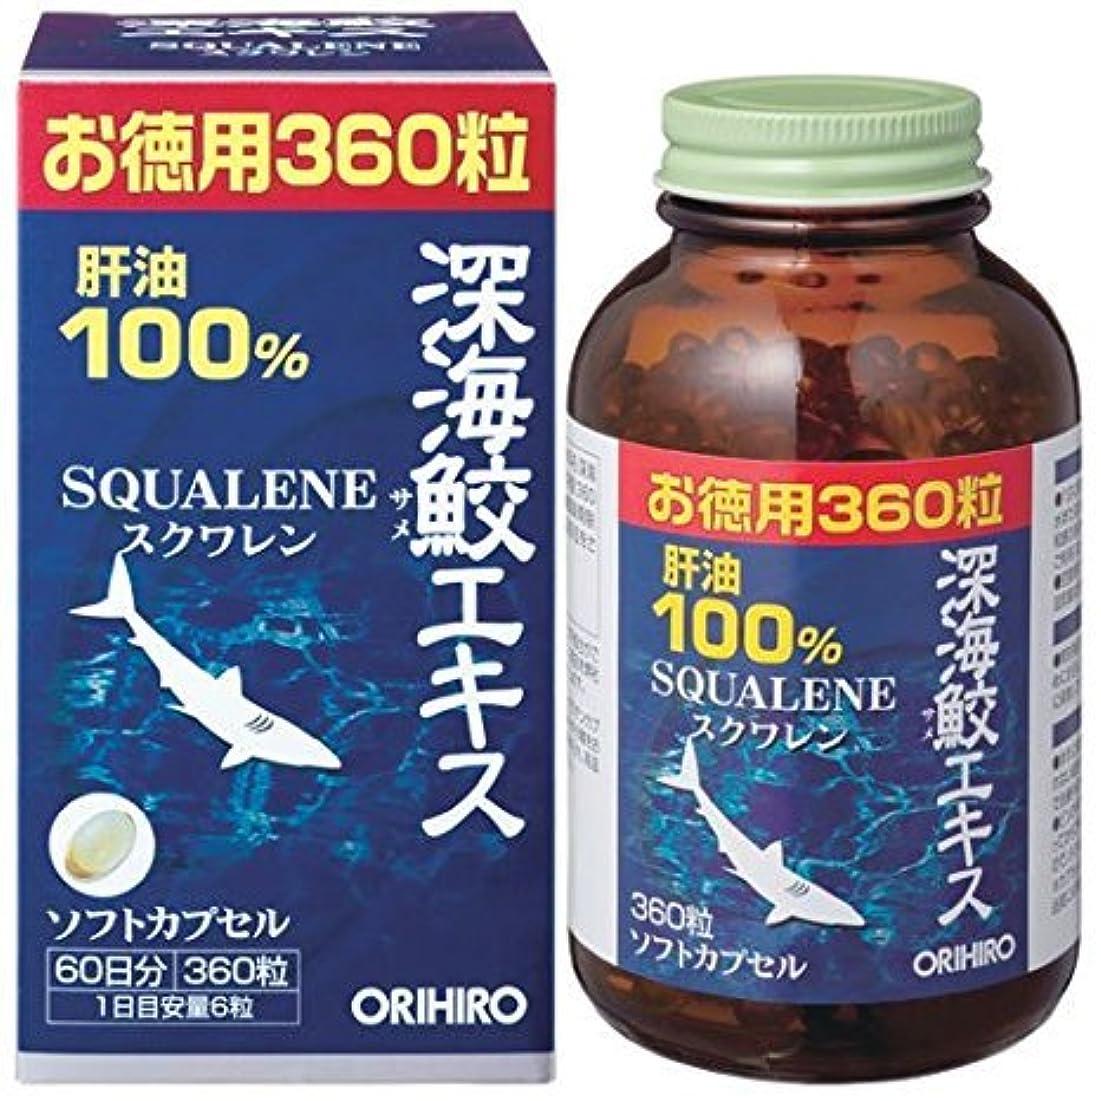 嫉妬ズーム洞察力のあるオリヒロ 深海鮫エキスカプセル徳用(360粒)3個セット